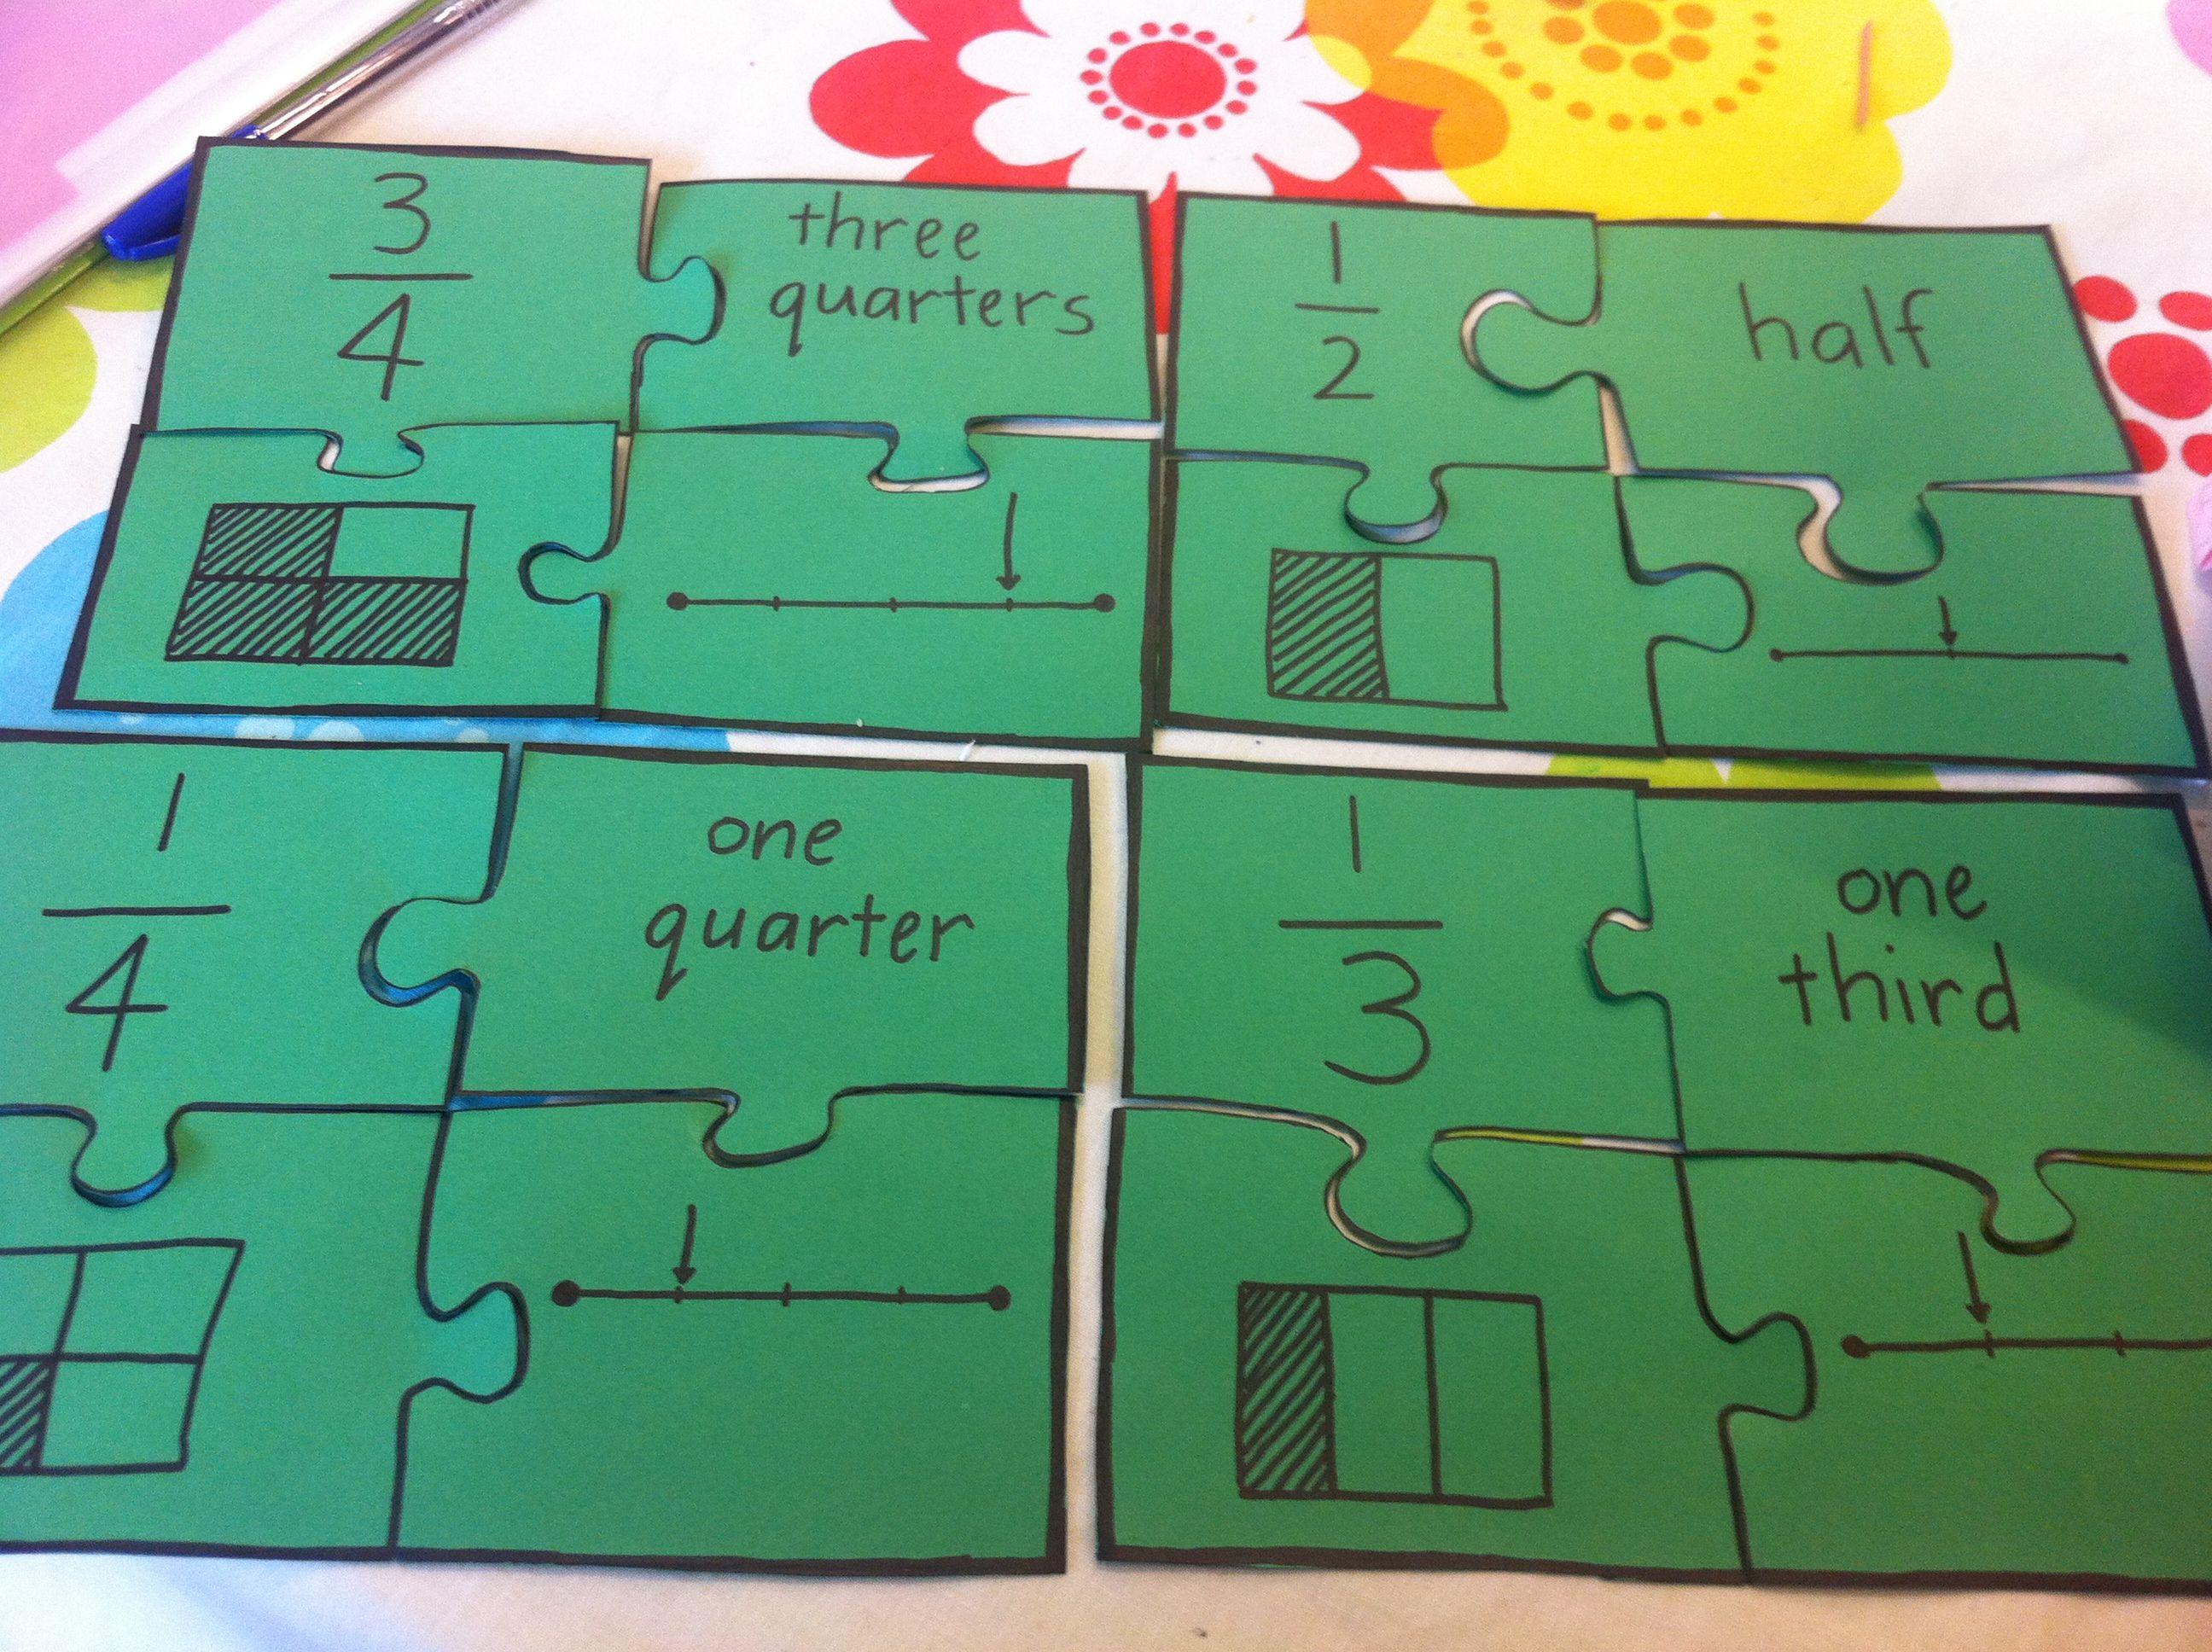 Pin By Cindy Keller On Maths Guided Math Upper Elementary Math Math School [ 1936 x 2592 Pixel ]